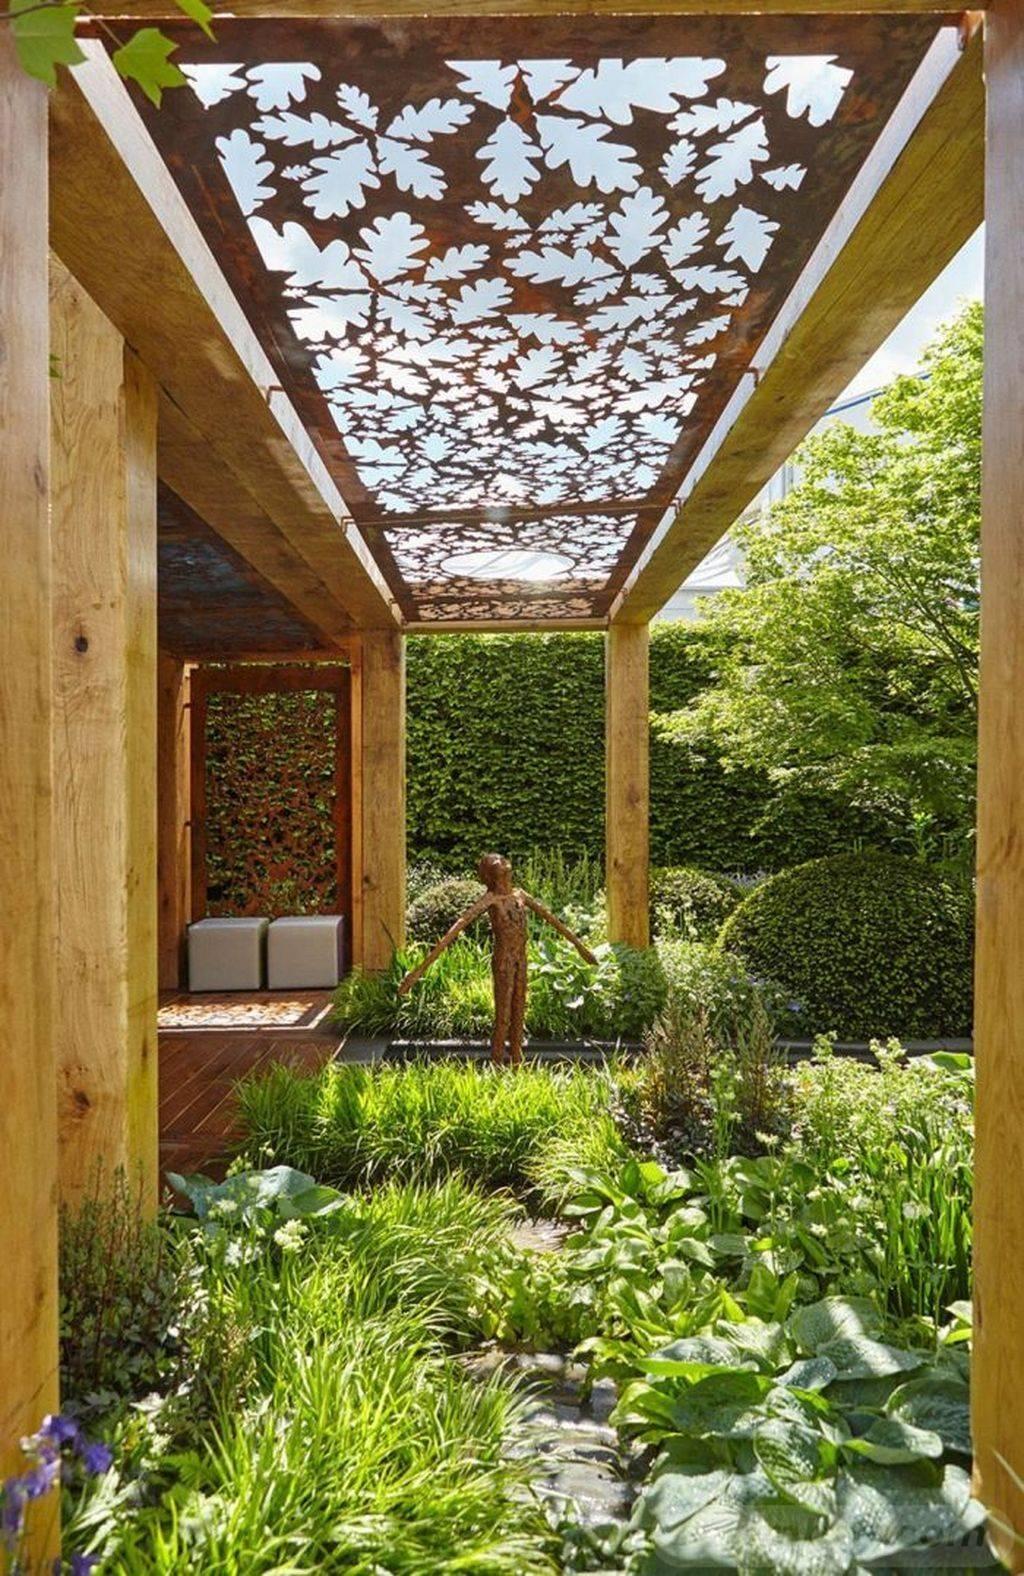 creative garden ideas-603060206334862112